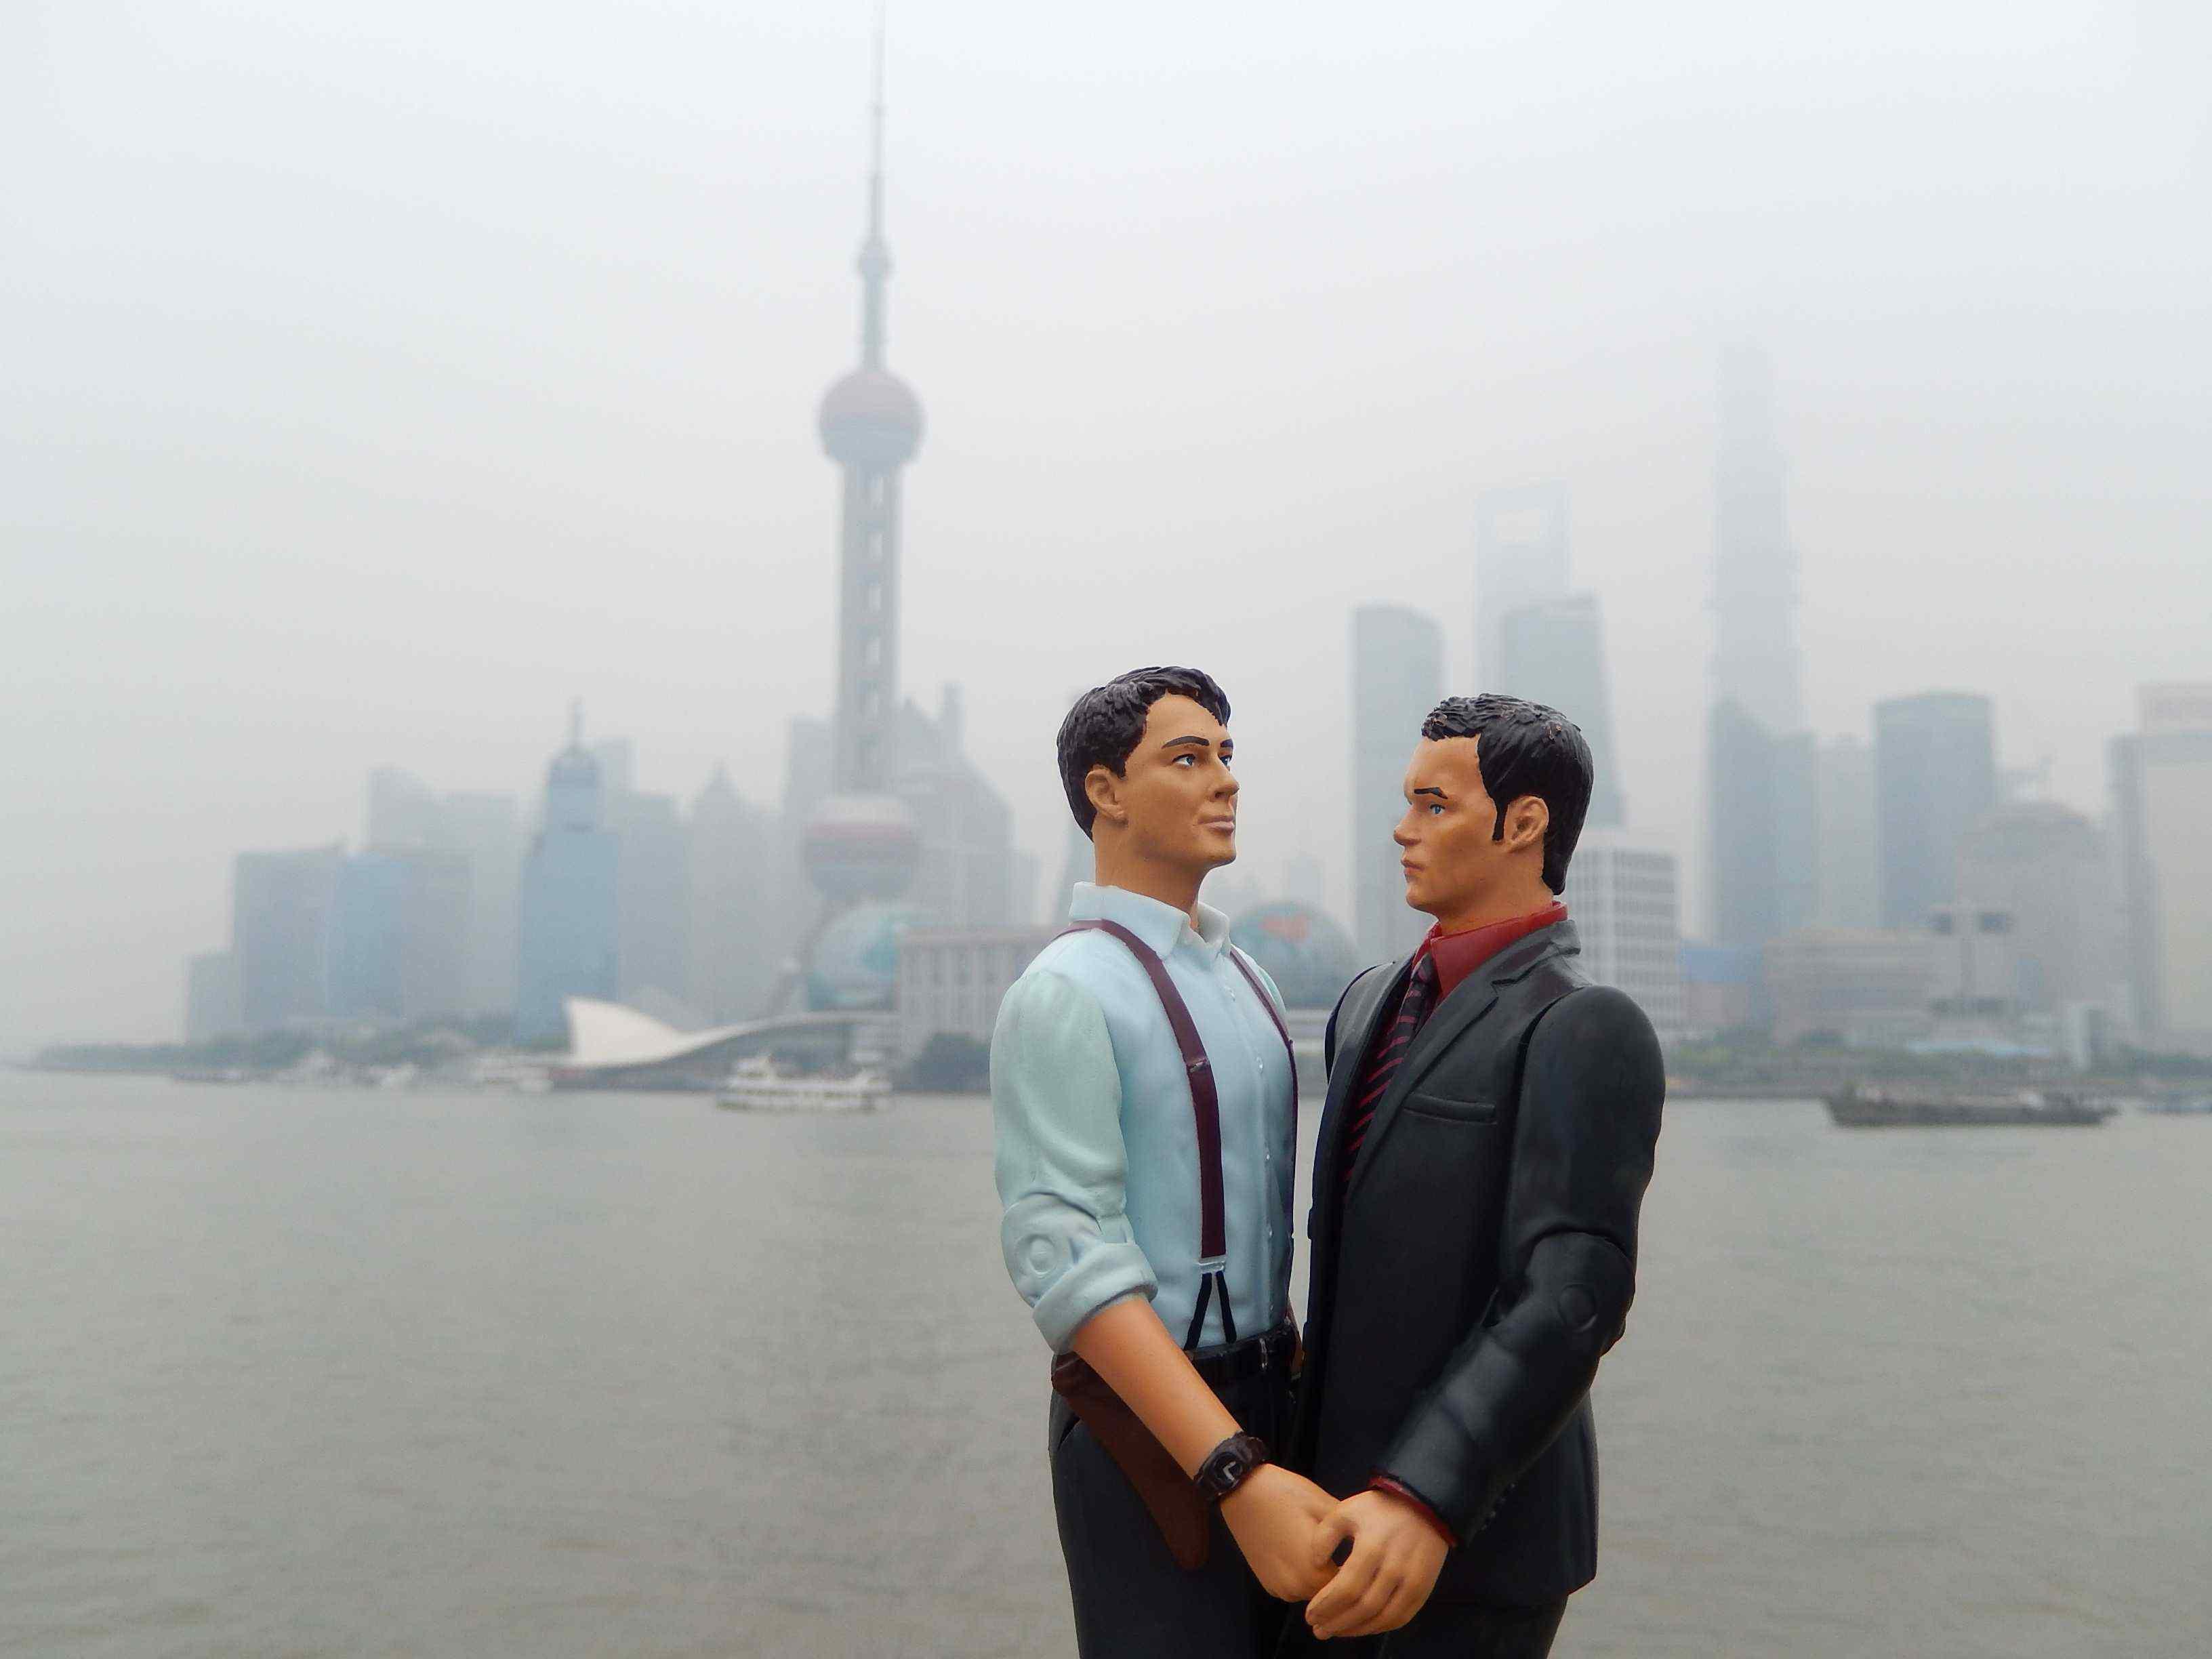 2013.06.19 - 03 - Shanghai